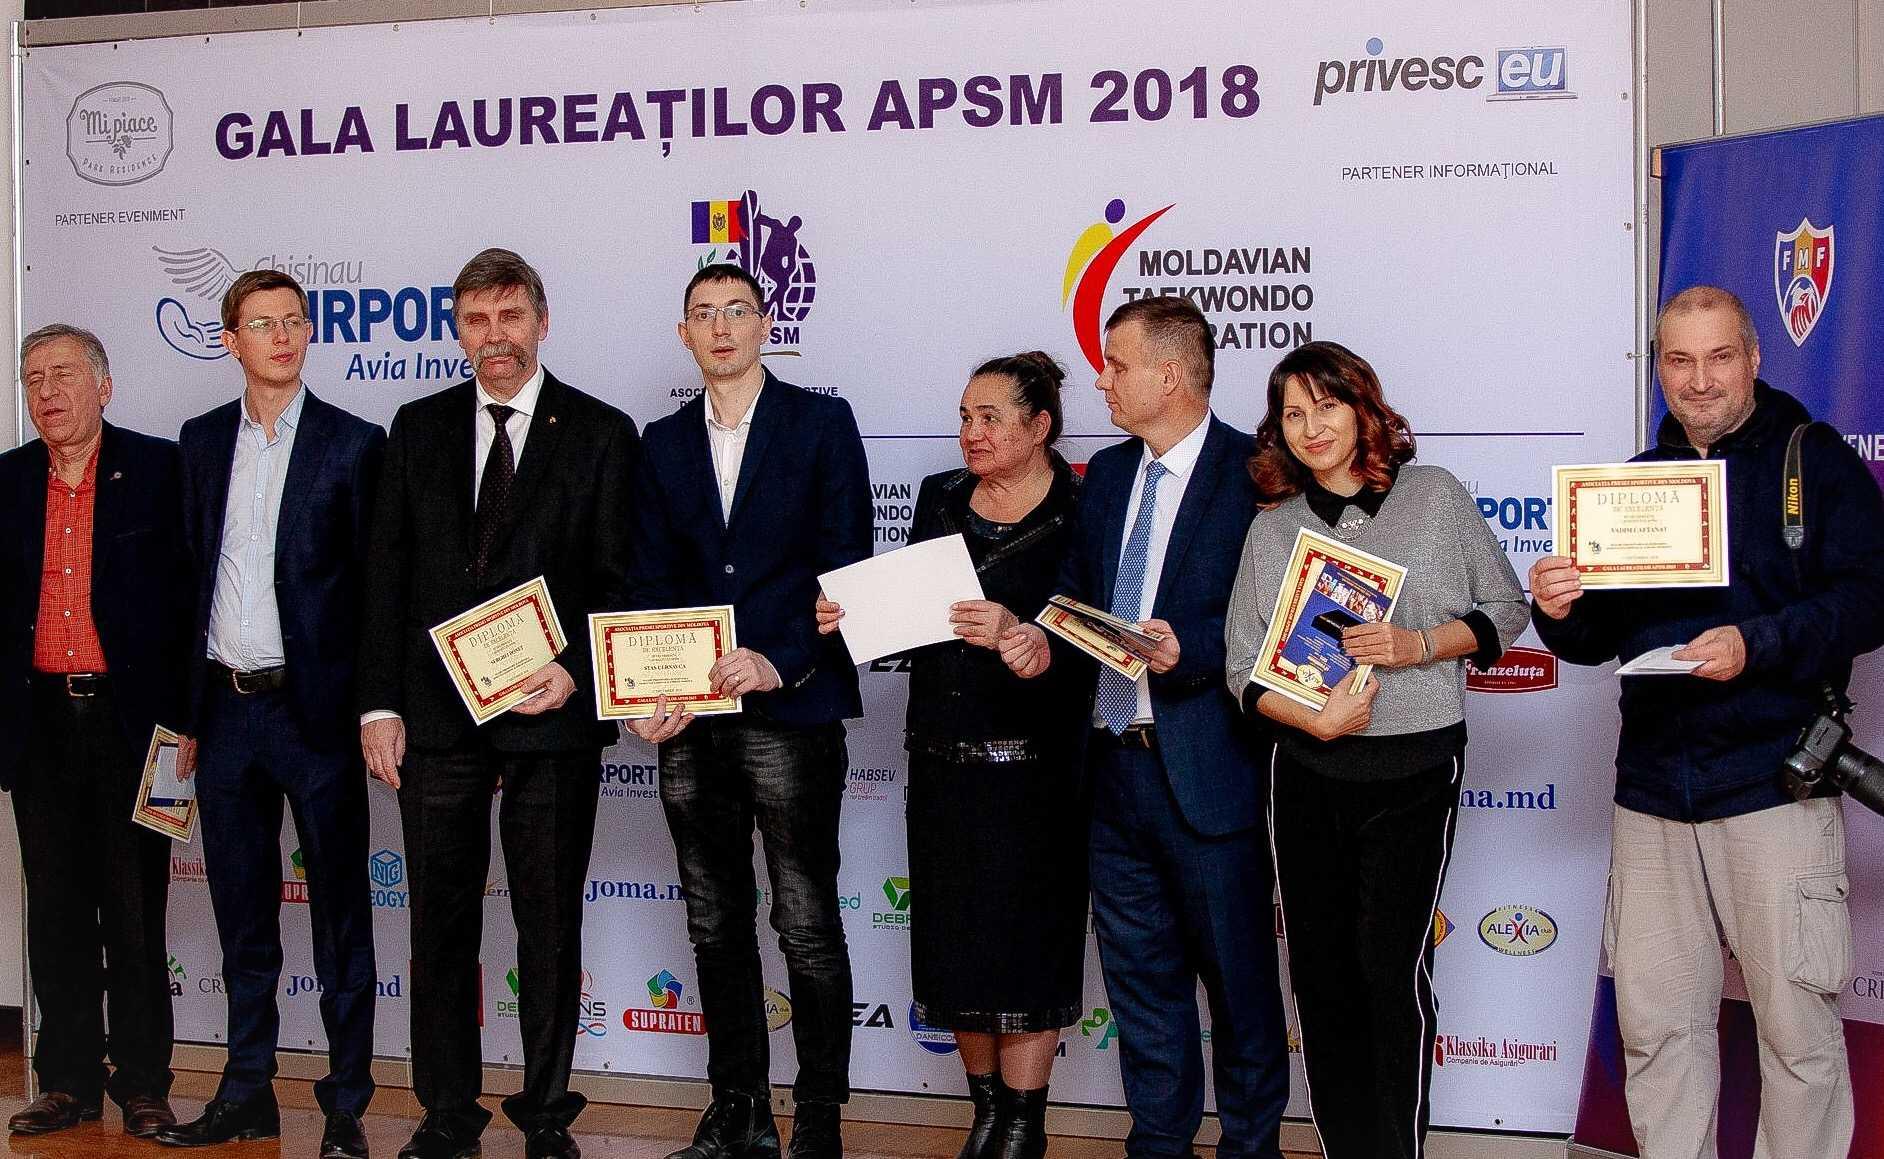 Sărbătoare în prezența AIPS: A 25-a aniversare a Asociației Presei Sportive din Republica Moldova